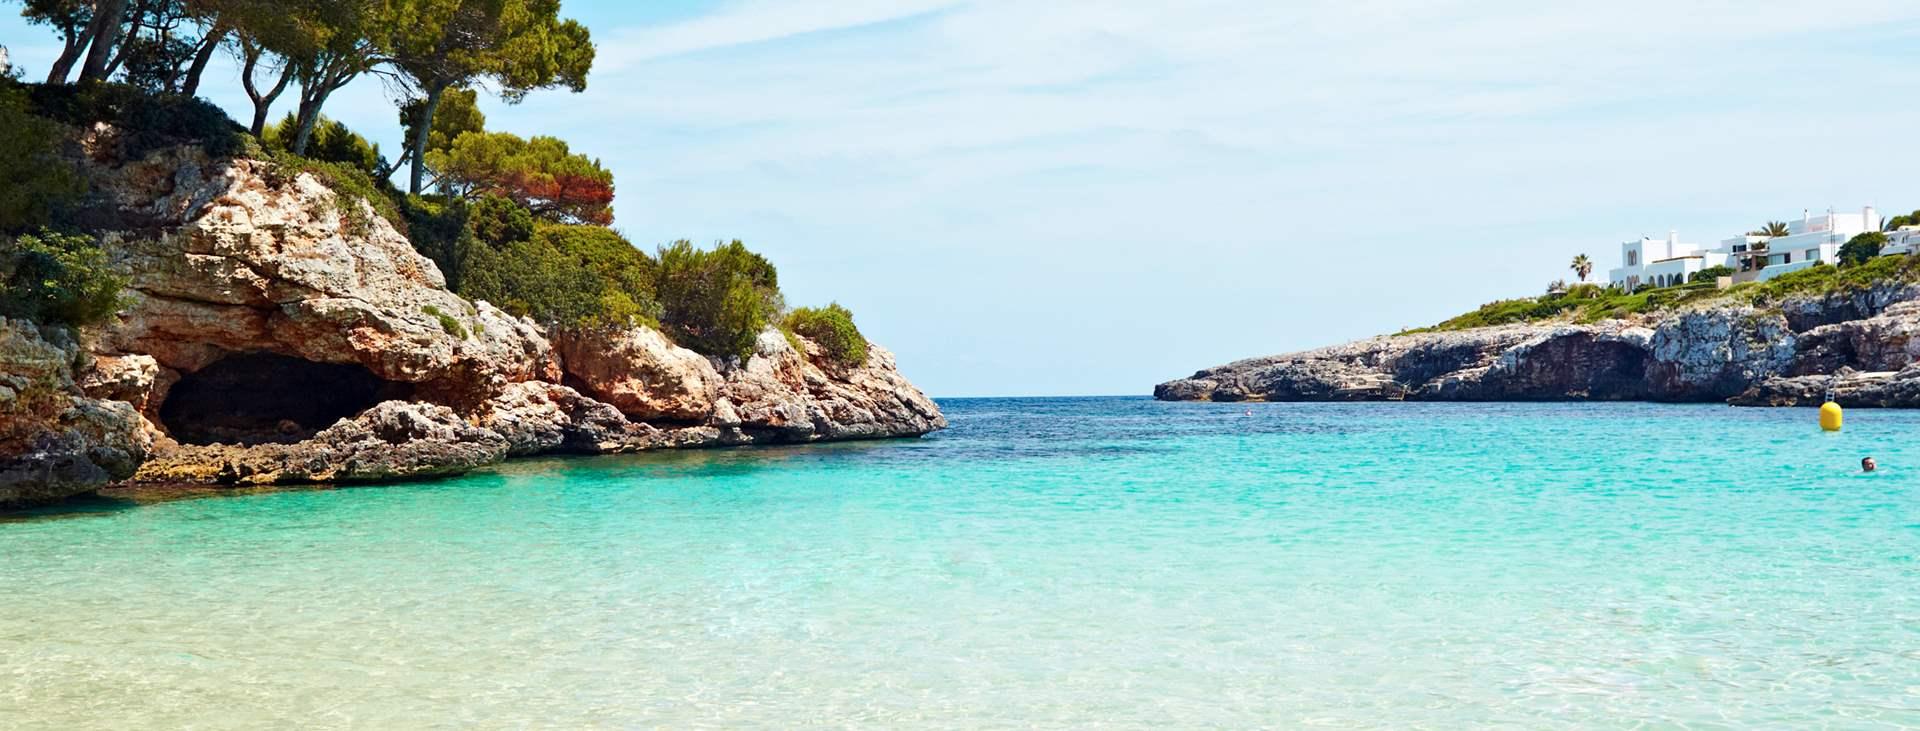 Varaa Espanjan matka - täydellinen perheloma